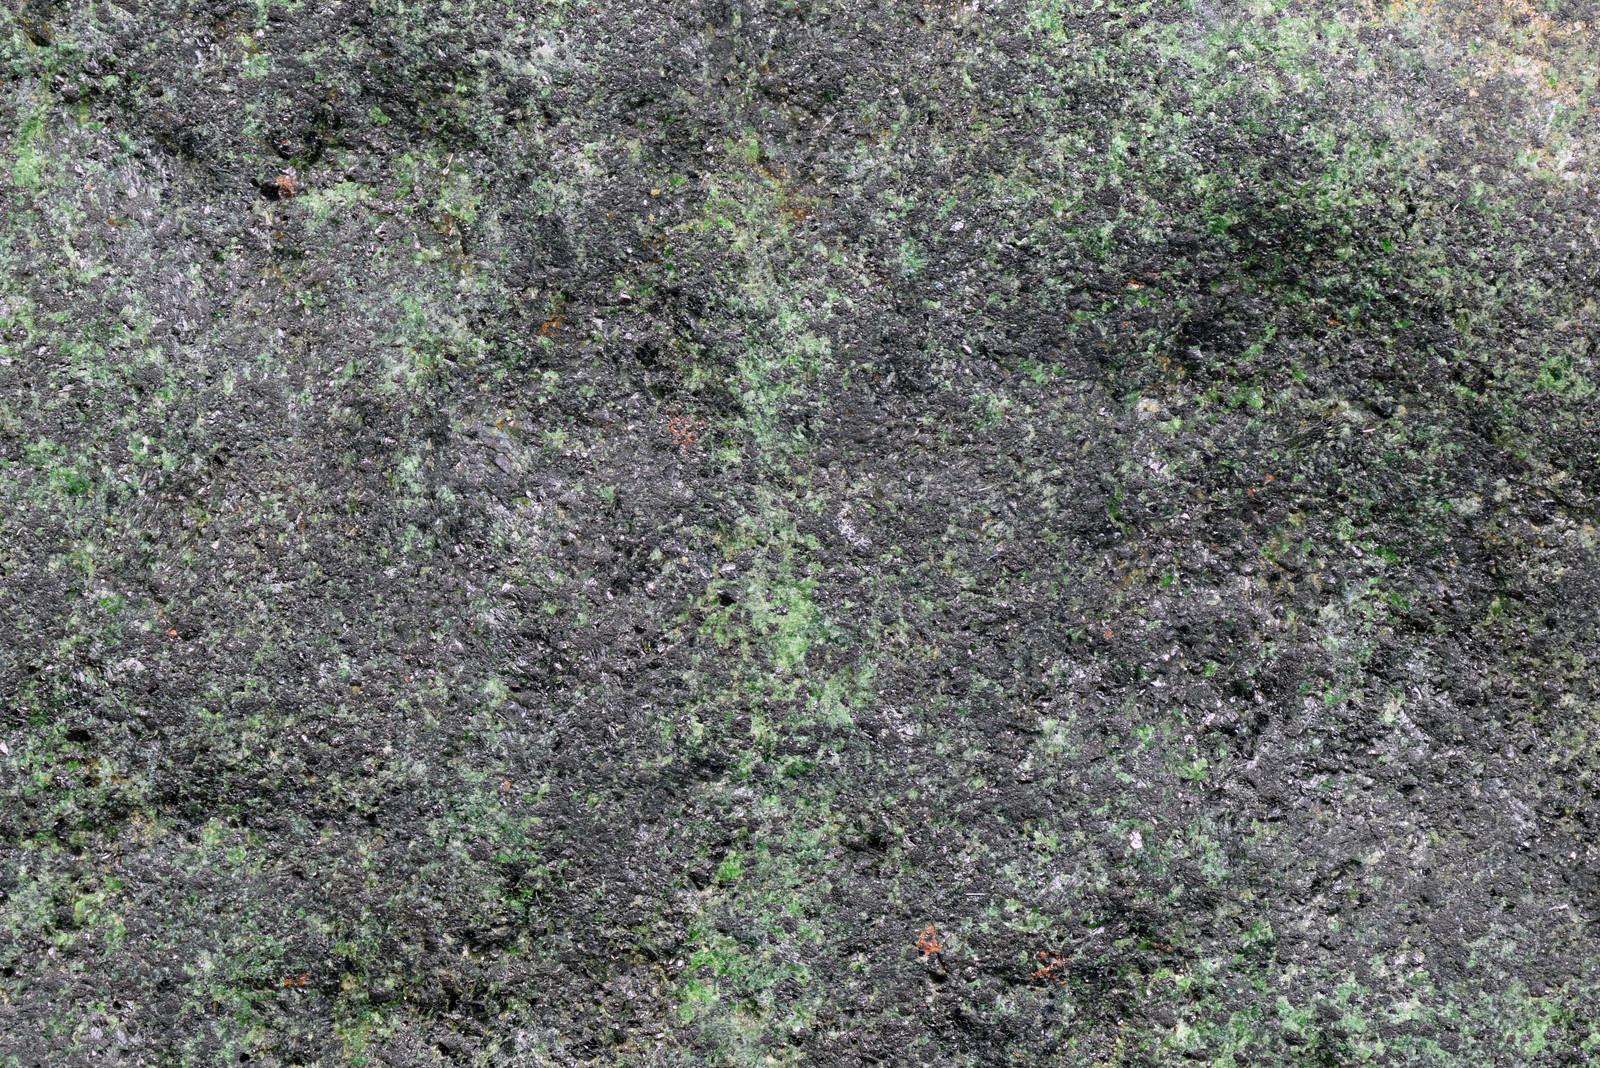 カトフォル閃石 / Katophorite